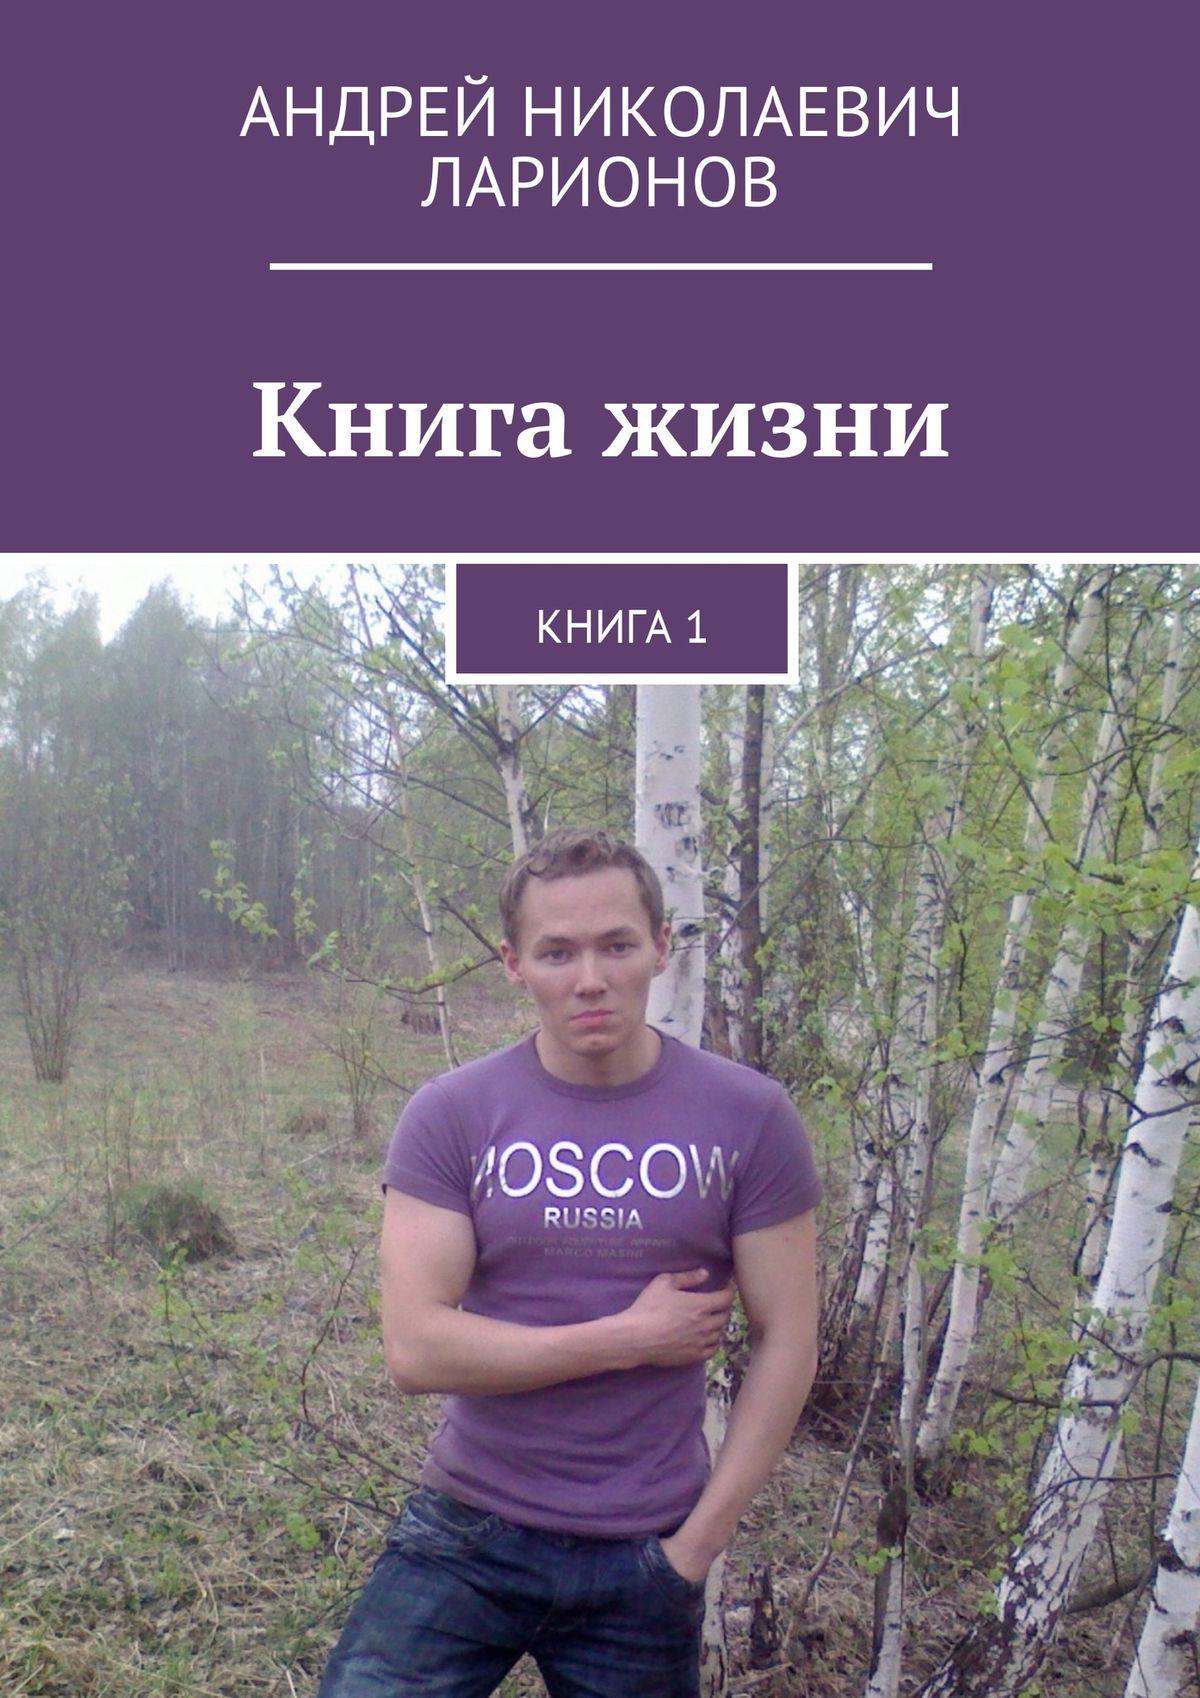 Фото - Андрей Николаевич Ларионов Книга жизни. Книга1 книга